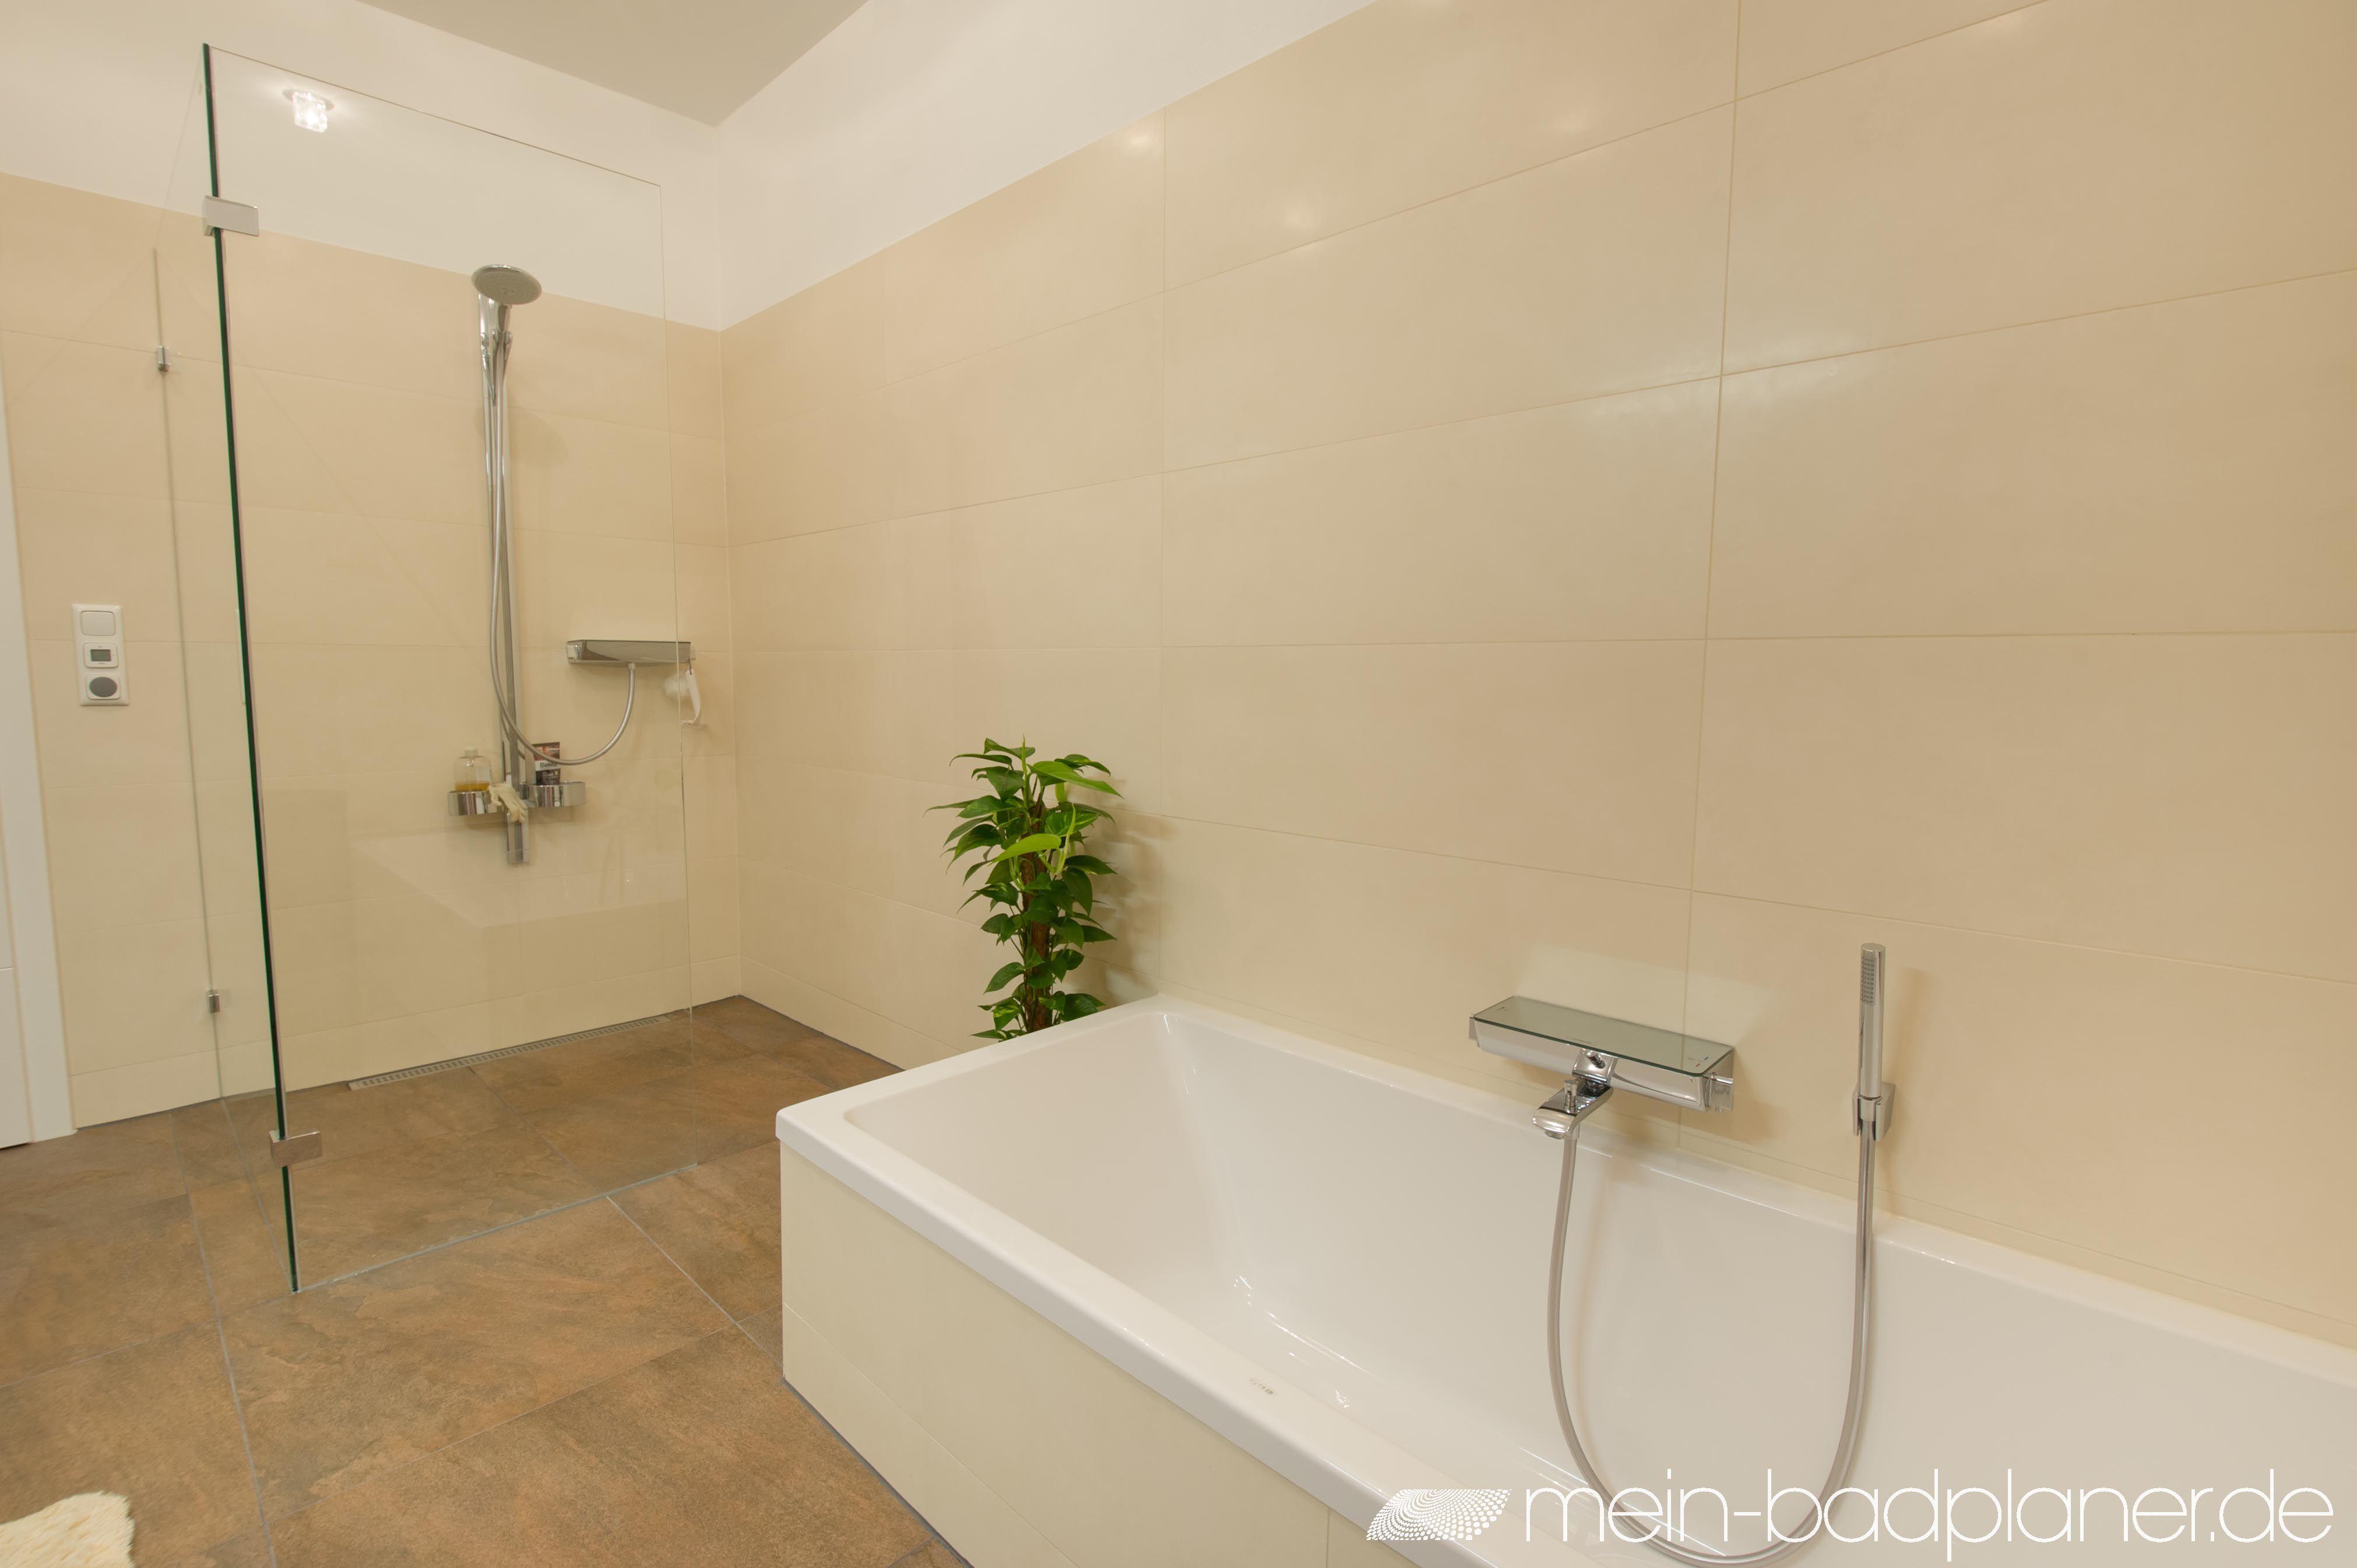 bad mit rahmenloser walk-in duschkabine aus glas | duschen | pinterest, Hause ideen